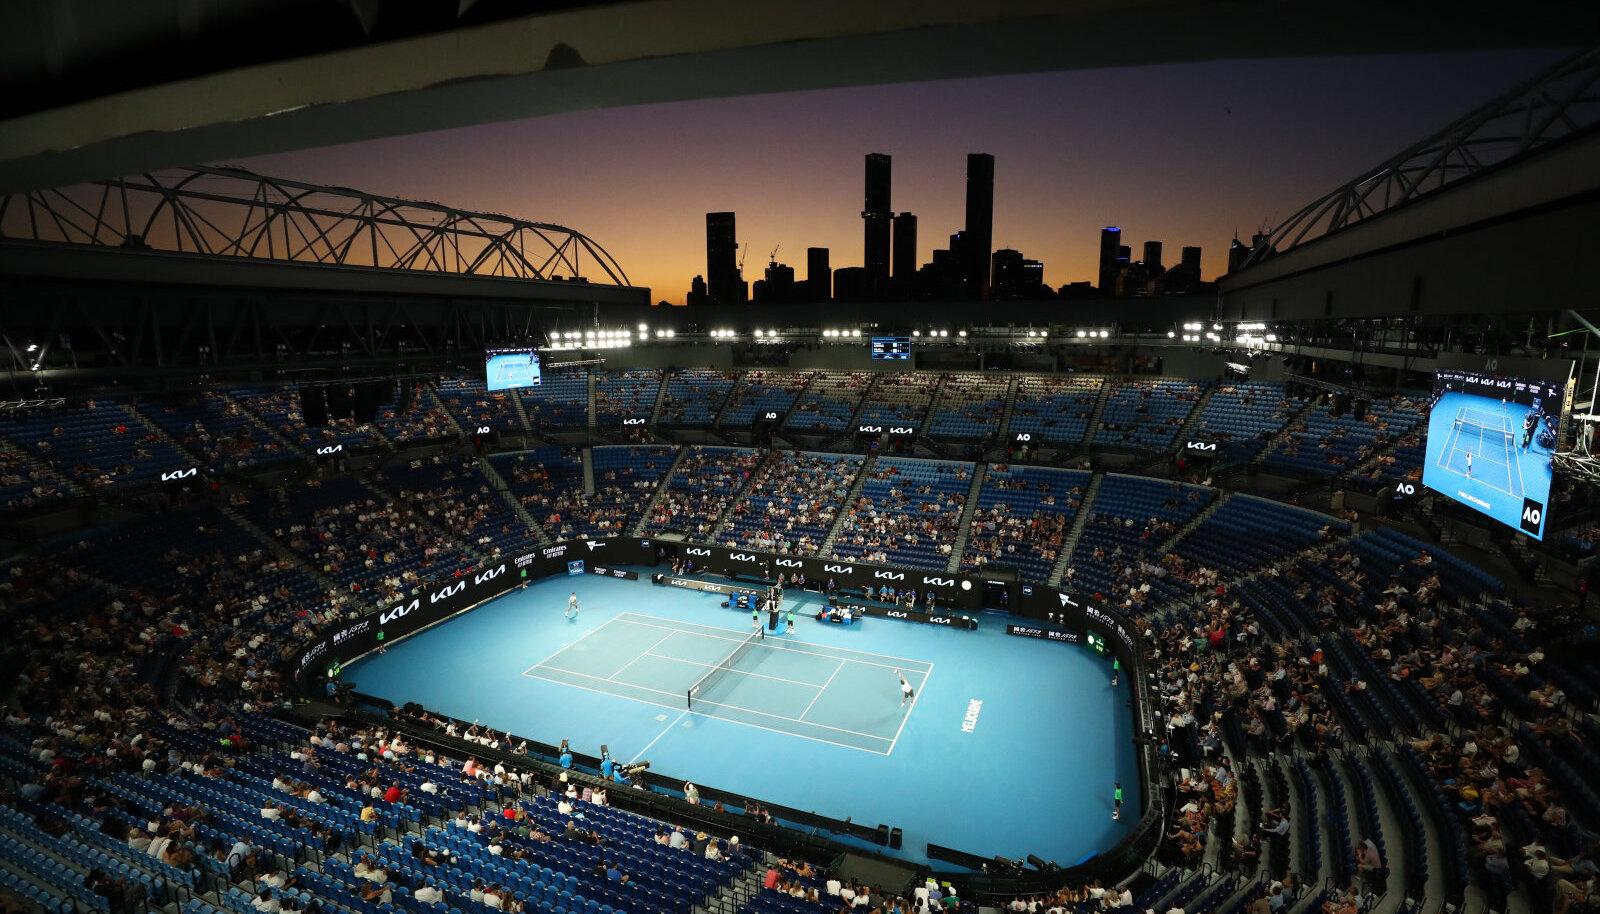 Rod Laver Arena neljapäeval, kui poolfinaalis mängisid Novak Djokovic ja Aslan Karatsev.